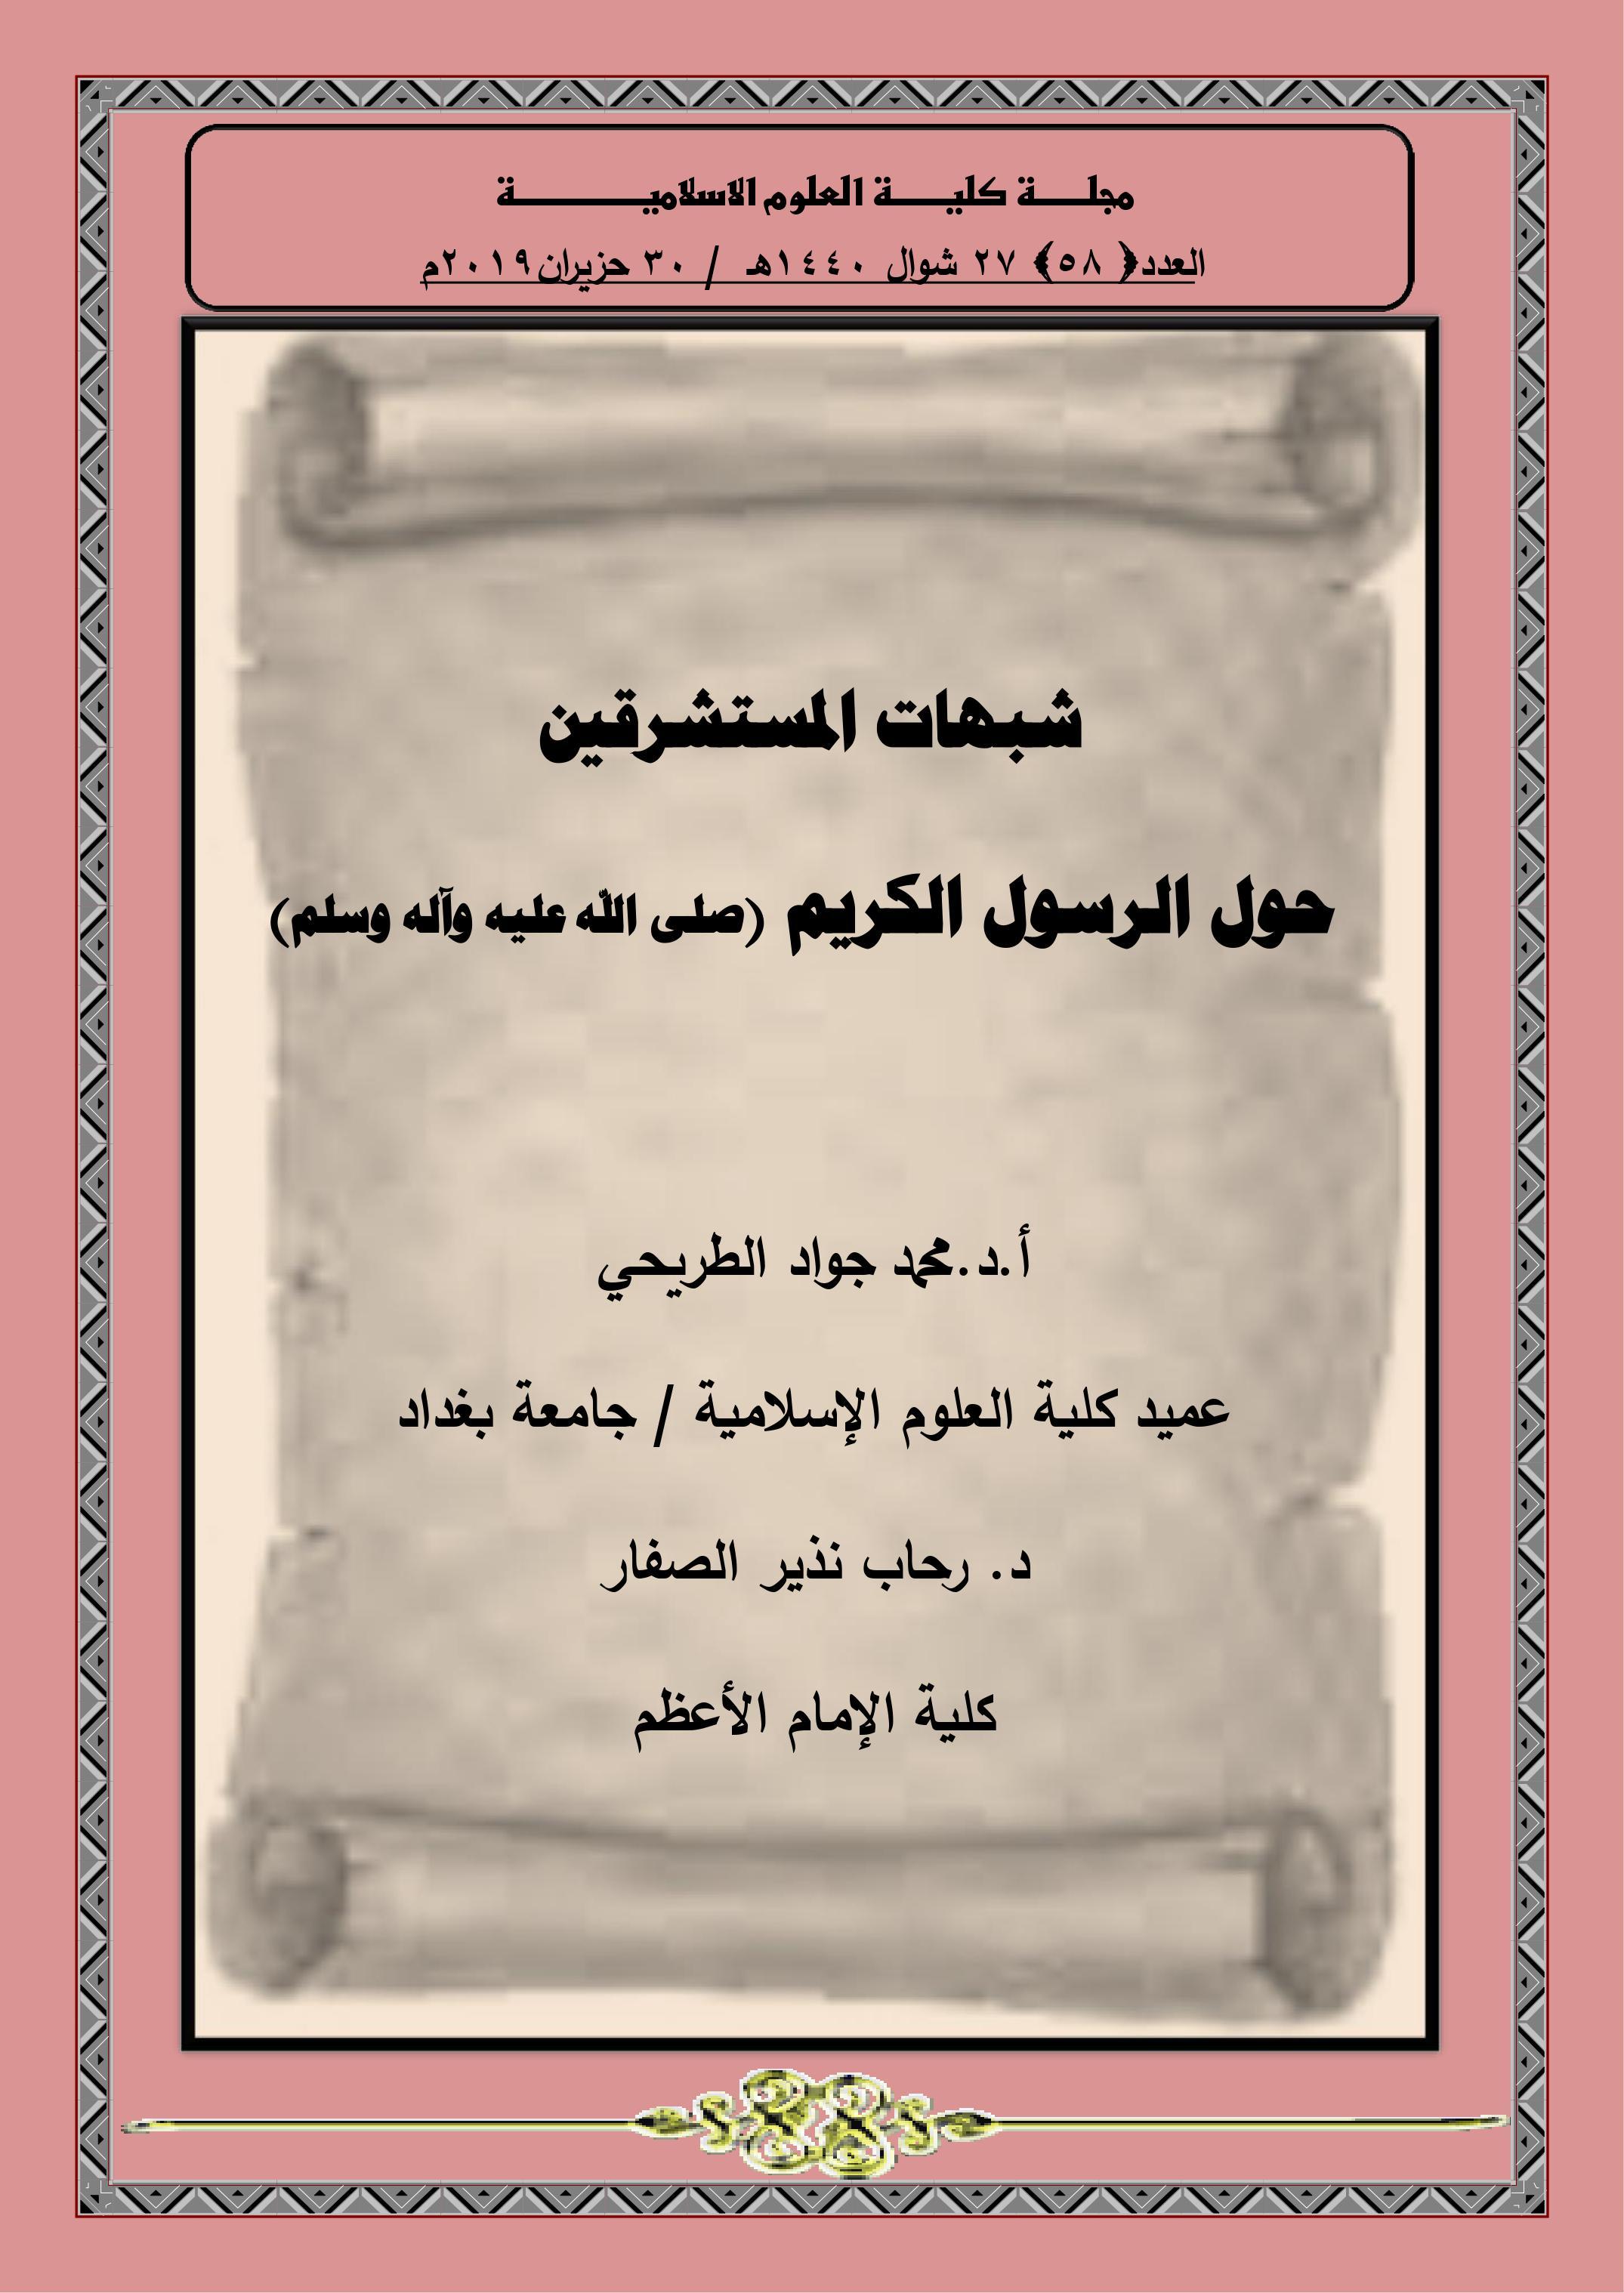 شبهات المستشرقين  حول الرسول الكريم (صلى الله عليه وآله وسلم)